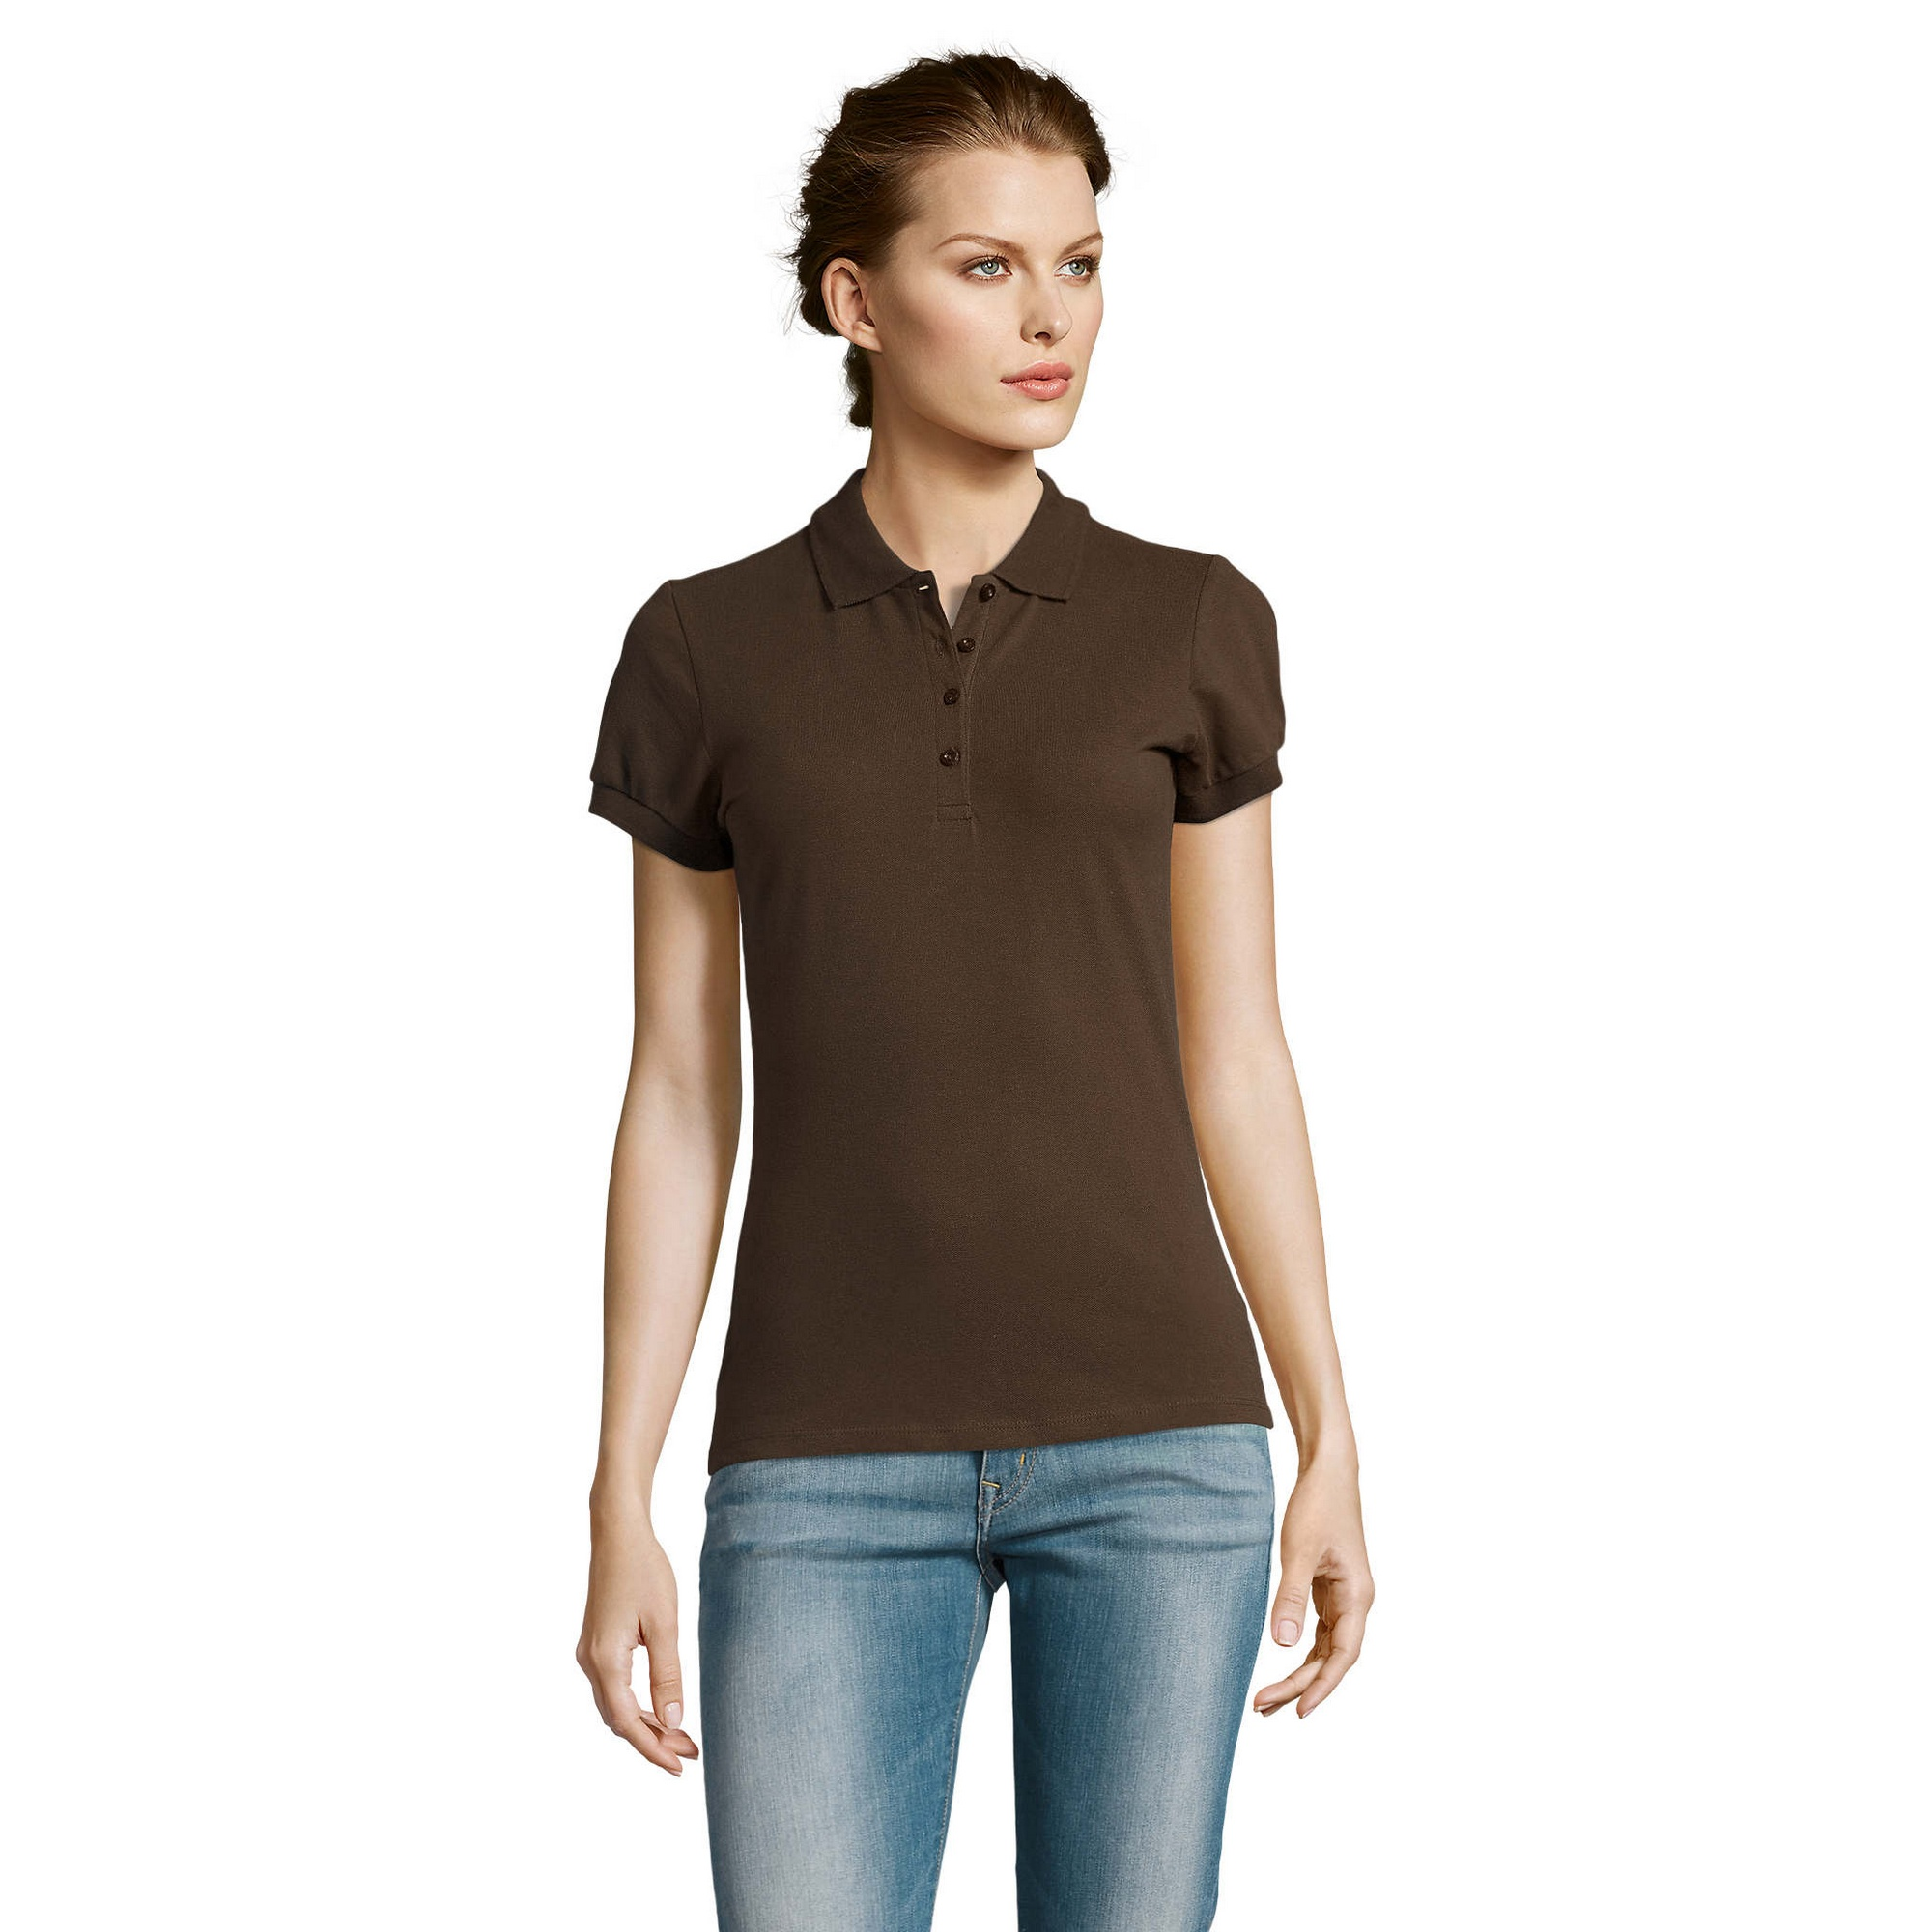 miniature 20 - SOLS-People-Polo-100-coton-a-manches-courtes-Femme-S-2XL-17-PC319